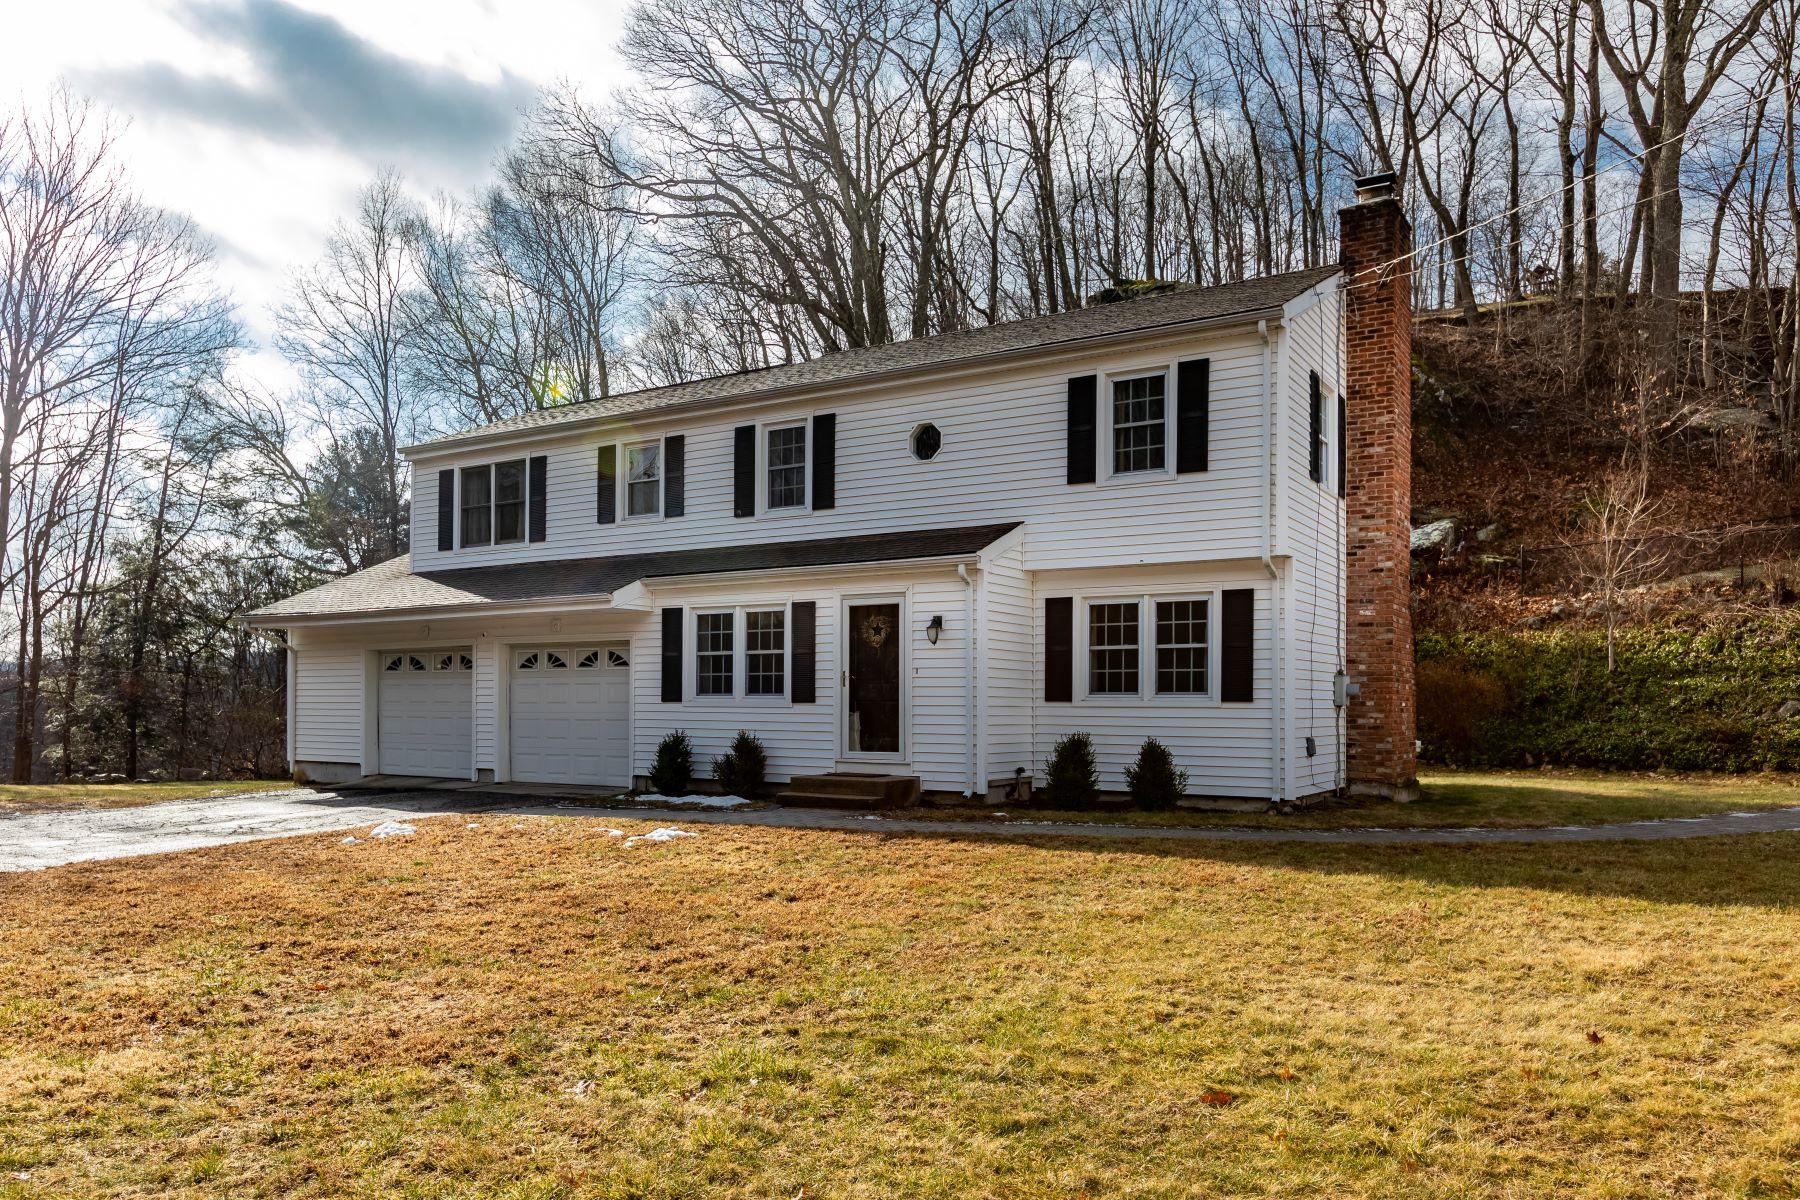 Single Family Homes για την Πώληση στο Get Ready for Summer 93 Stony Hill Road, Ridgefield, Κονεκτικατ 06877 Ηνωμένες Πολιτείες